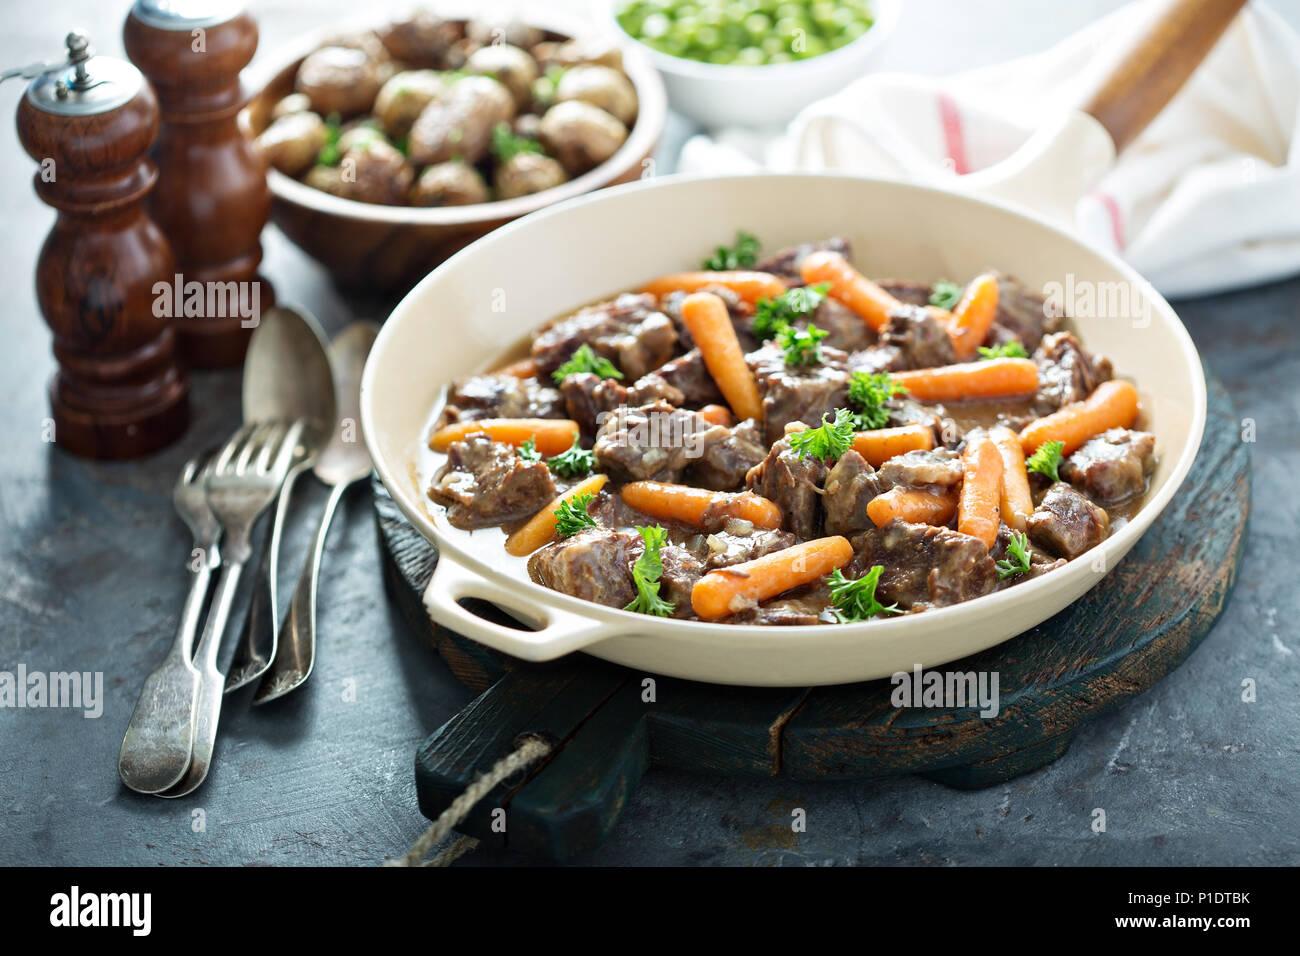 Ragoût de boeuf aux carottes et au persil Photo Stock